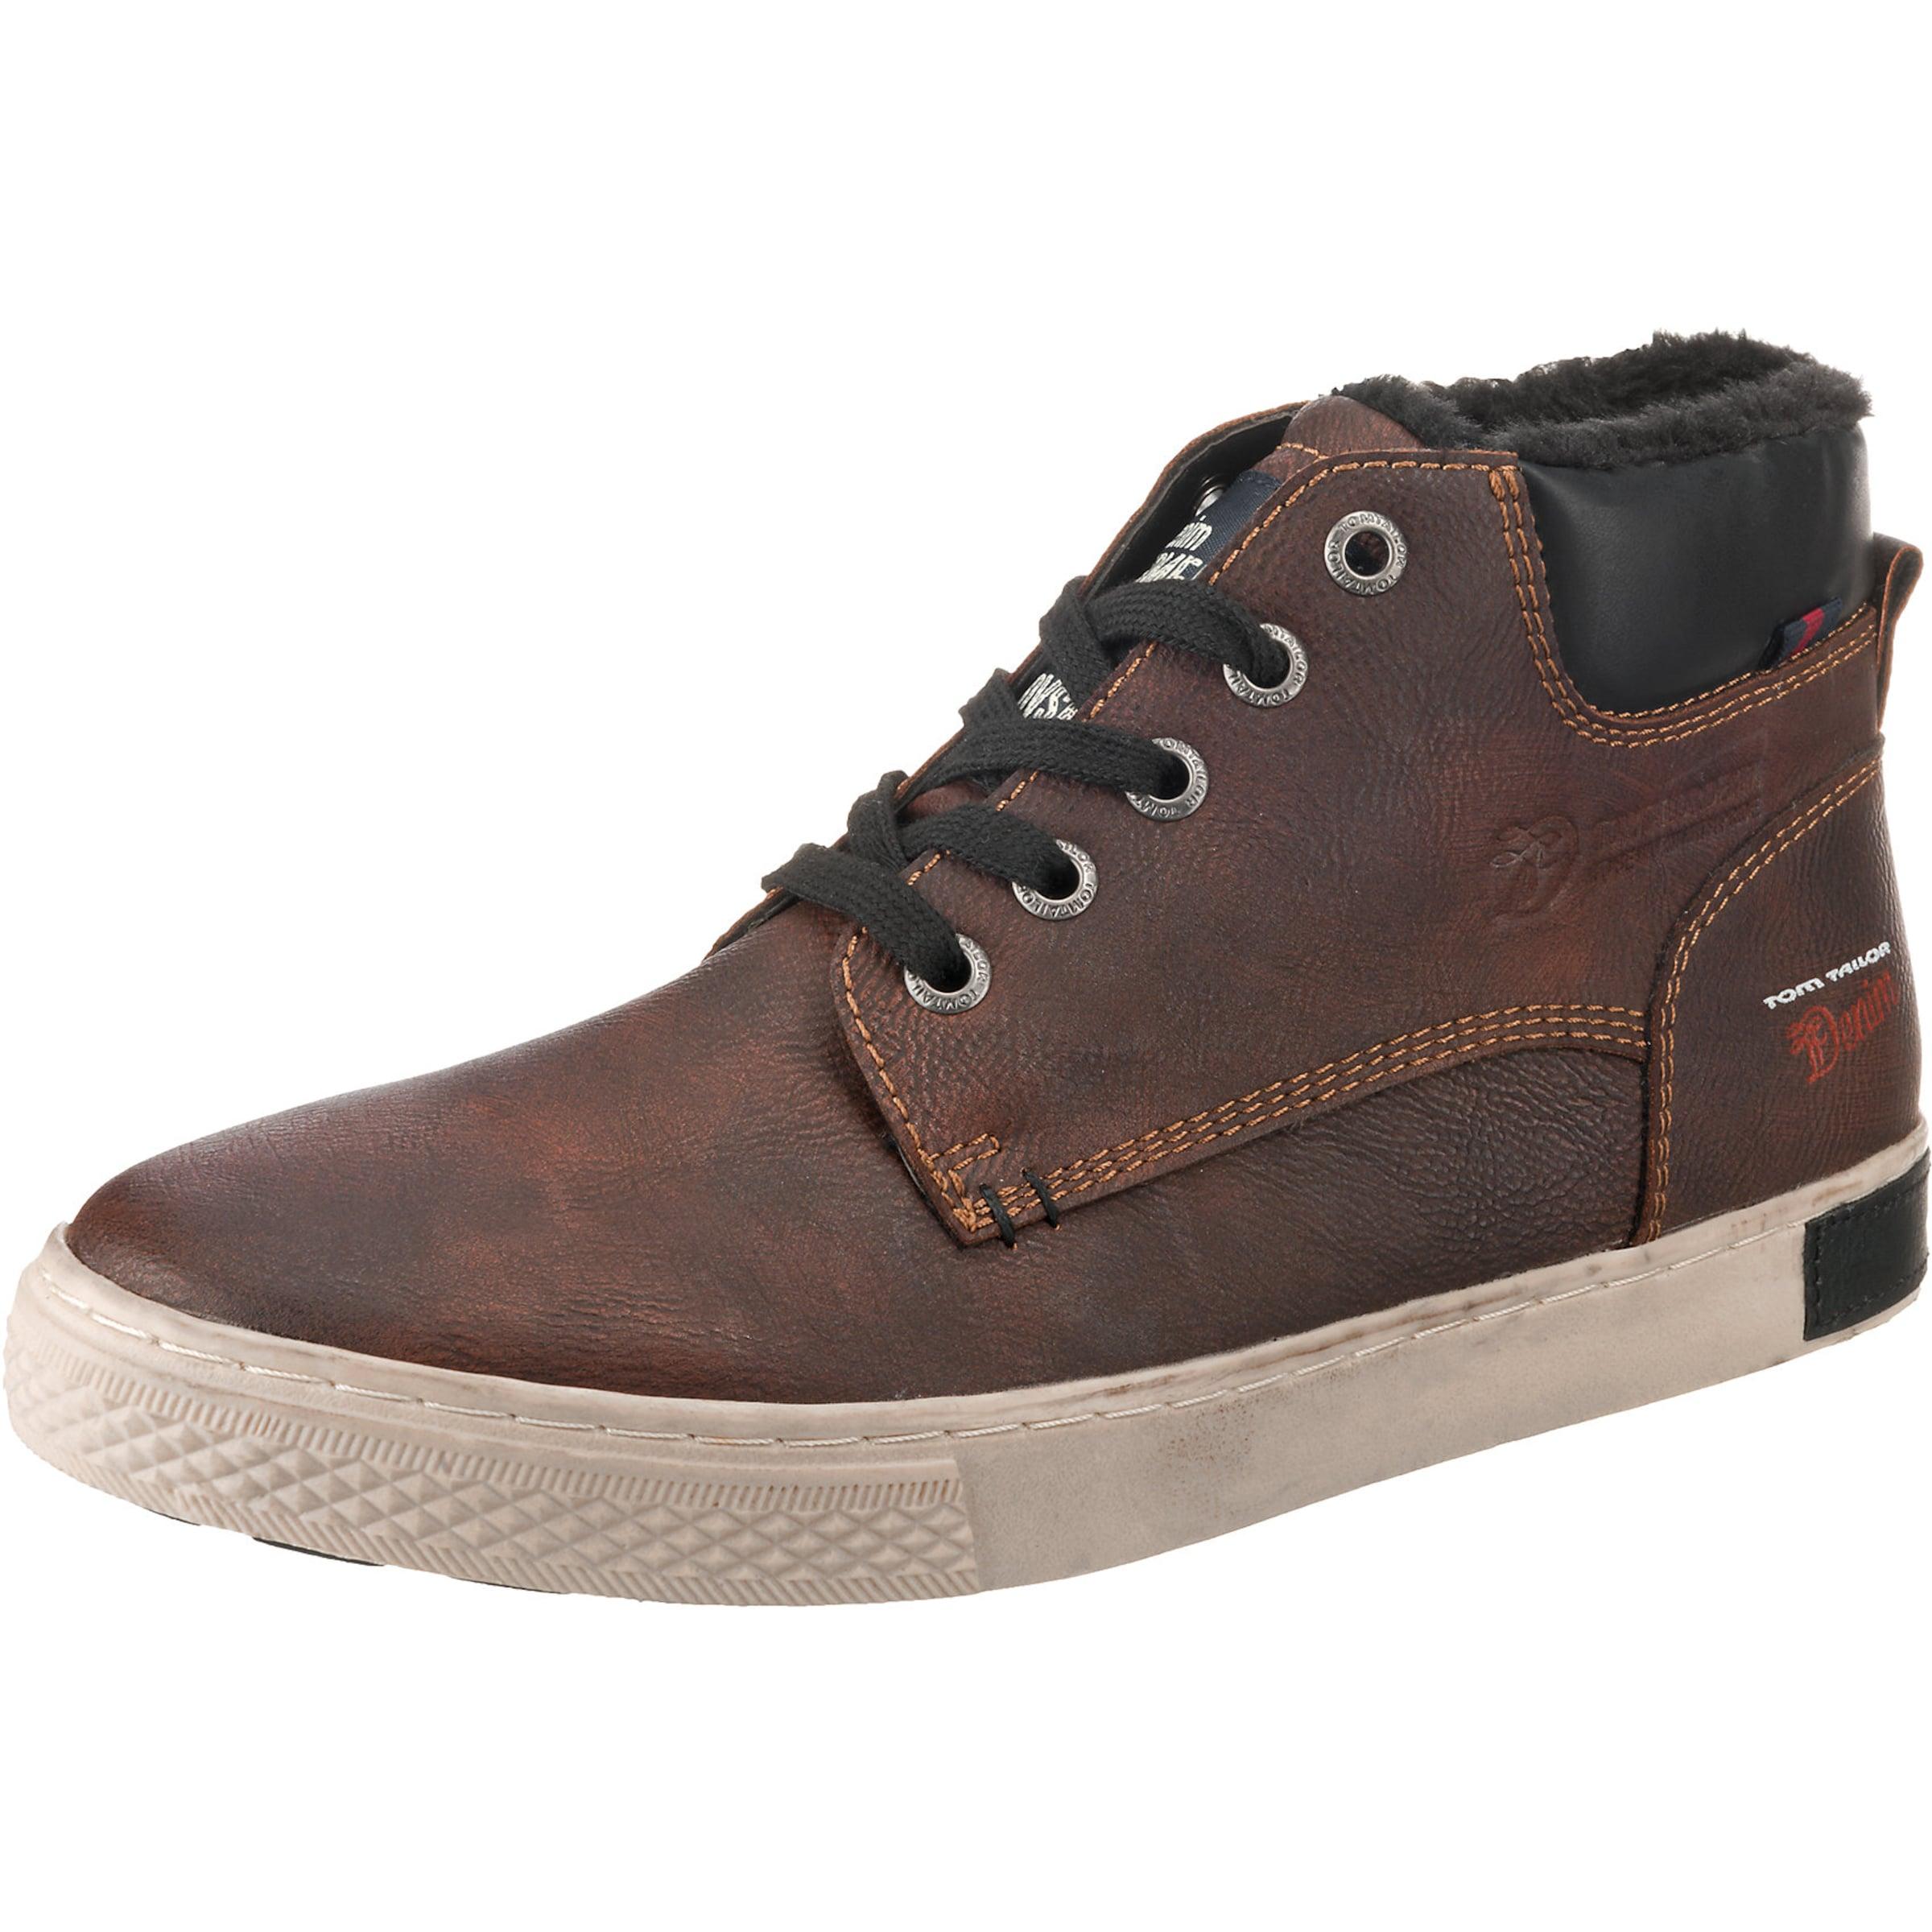 Tom Sneakers Tom Sneakers In Tom Tailor BraunSchwarz In Tailor Tailor Sneakers In BraunSchwarz UzSqMVp